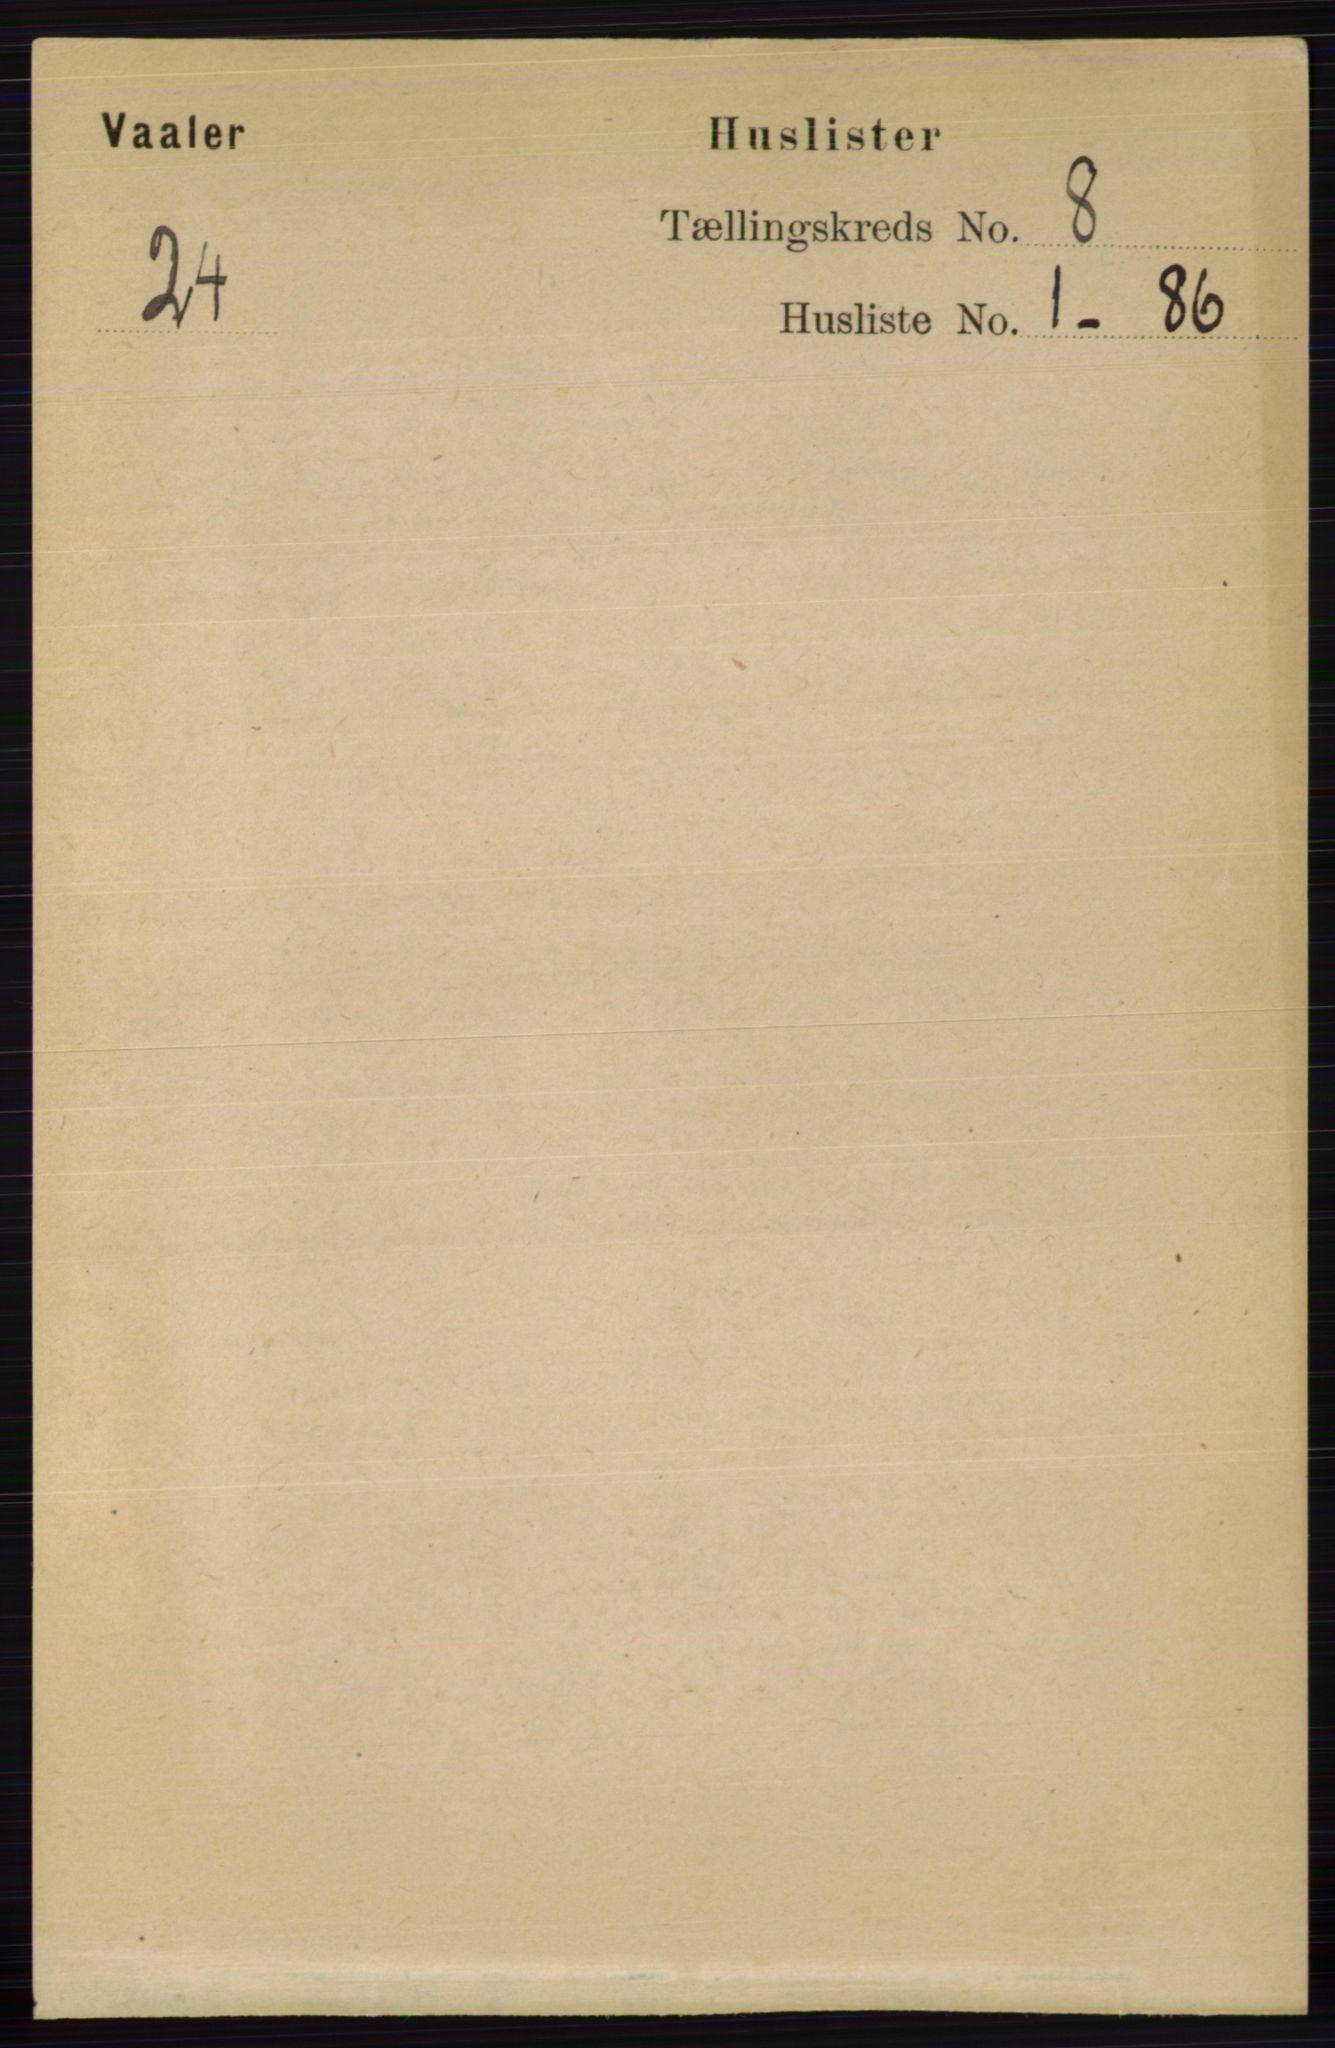 RA, Folketelling 1891 for 0426 Våler herred, 1891, s. 3258